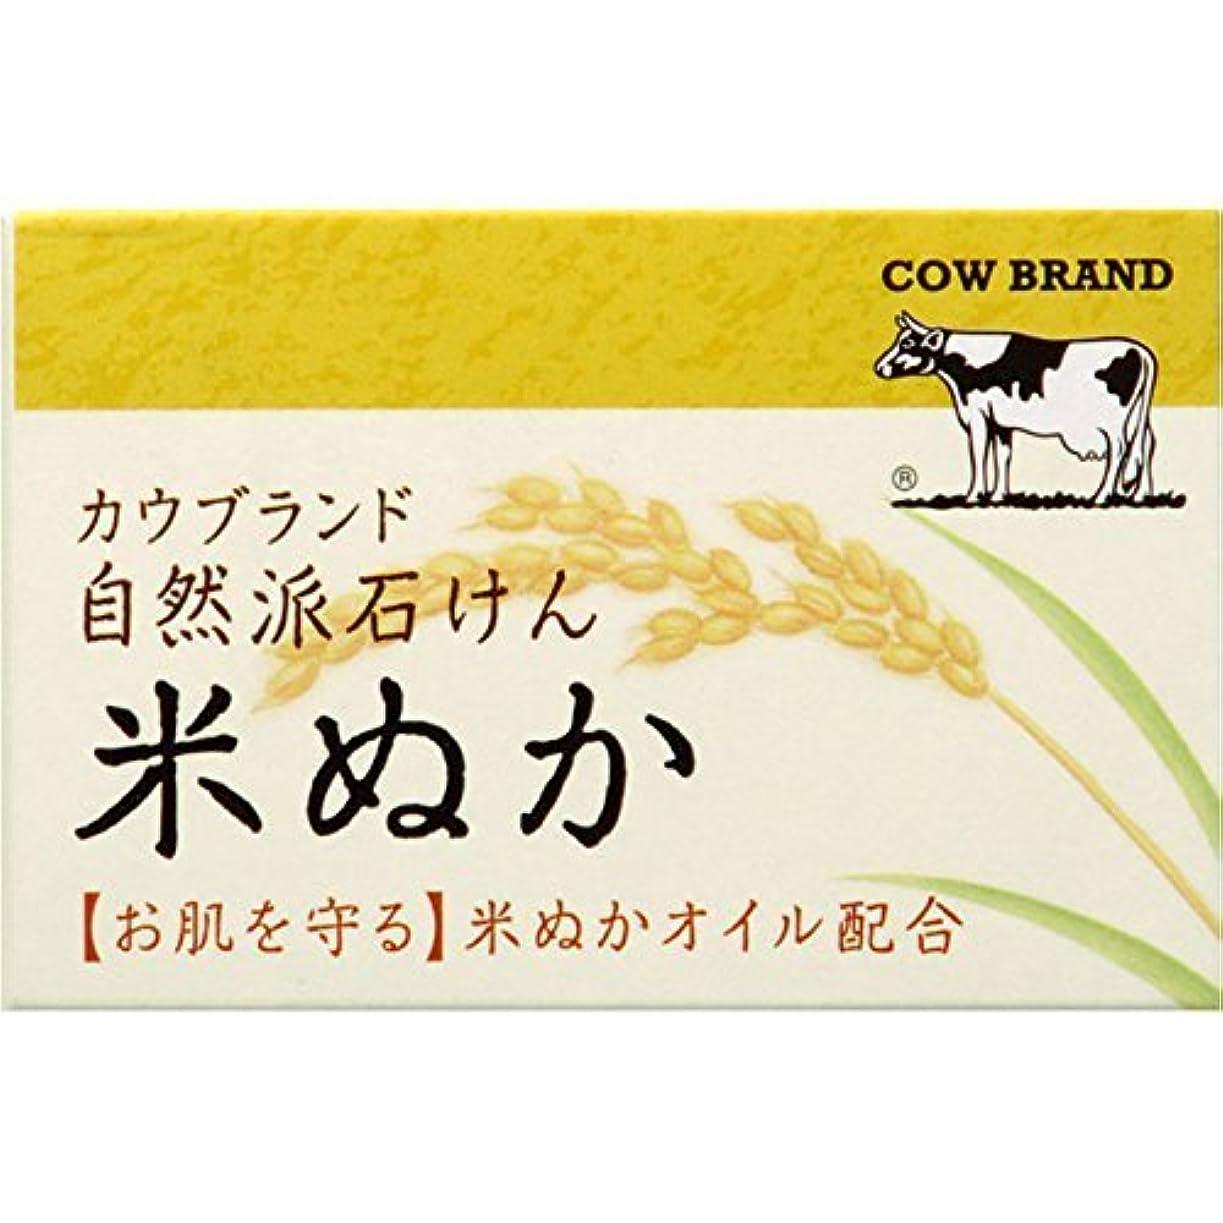 特別に入浴荒涼としたカウブランド 自然派石けん 米ぬか 100g